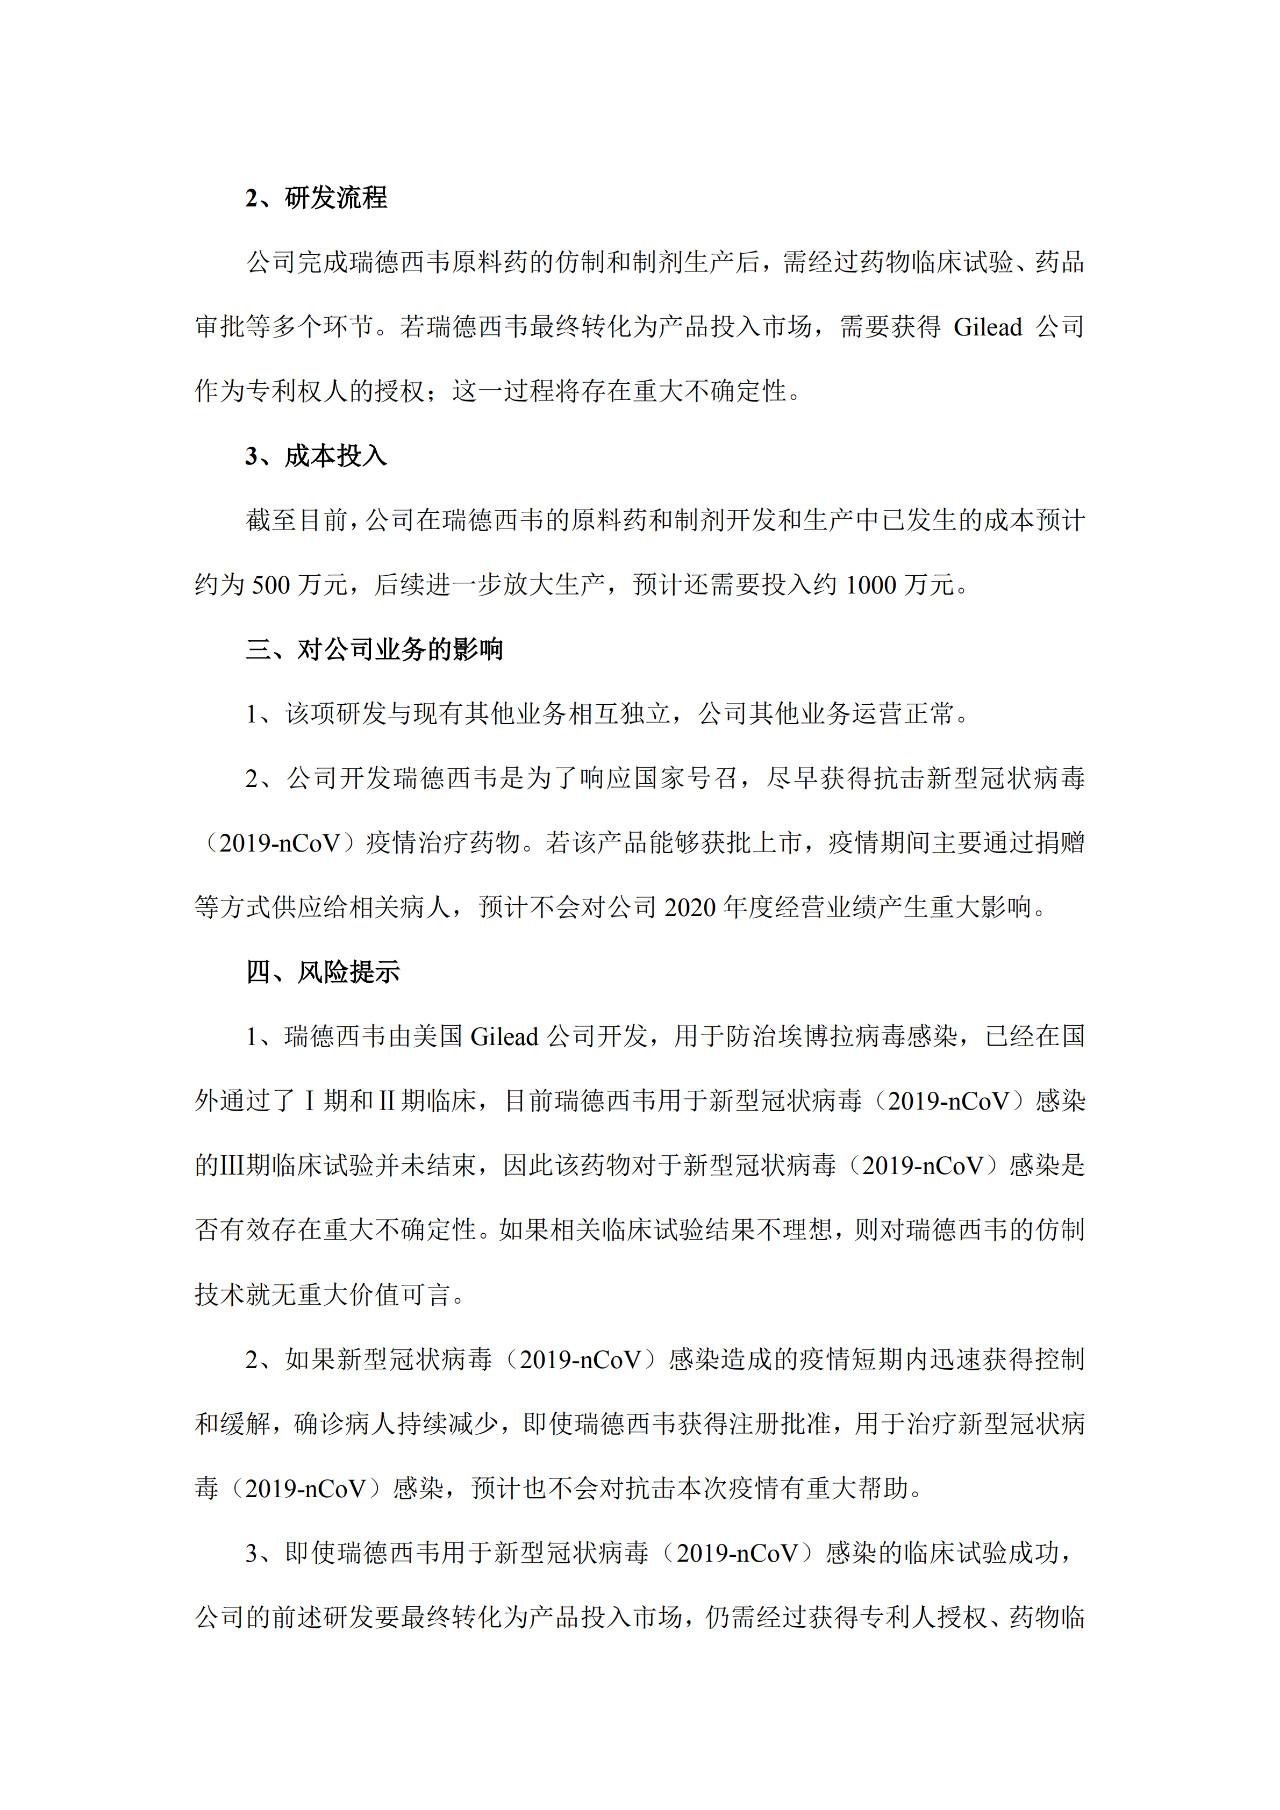 中国企业十几天仿制出瑞德西韦!公司表示不会发国难财,但需吉利德专利授权